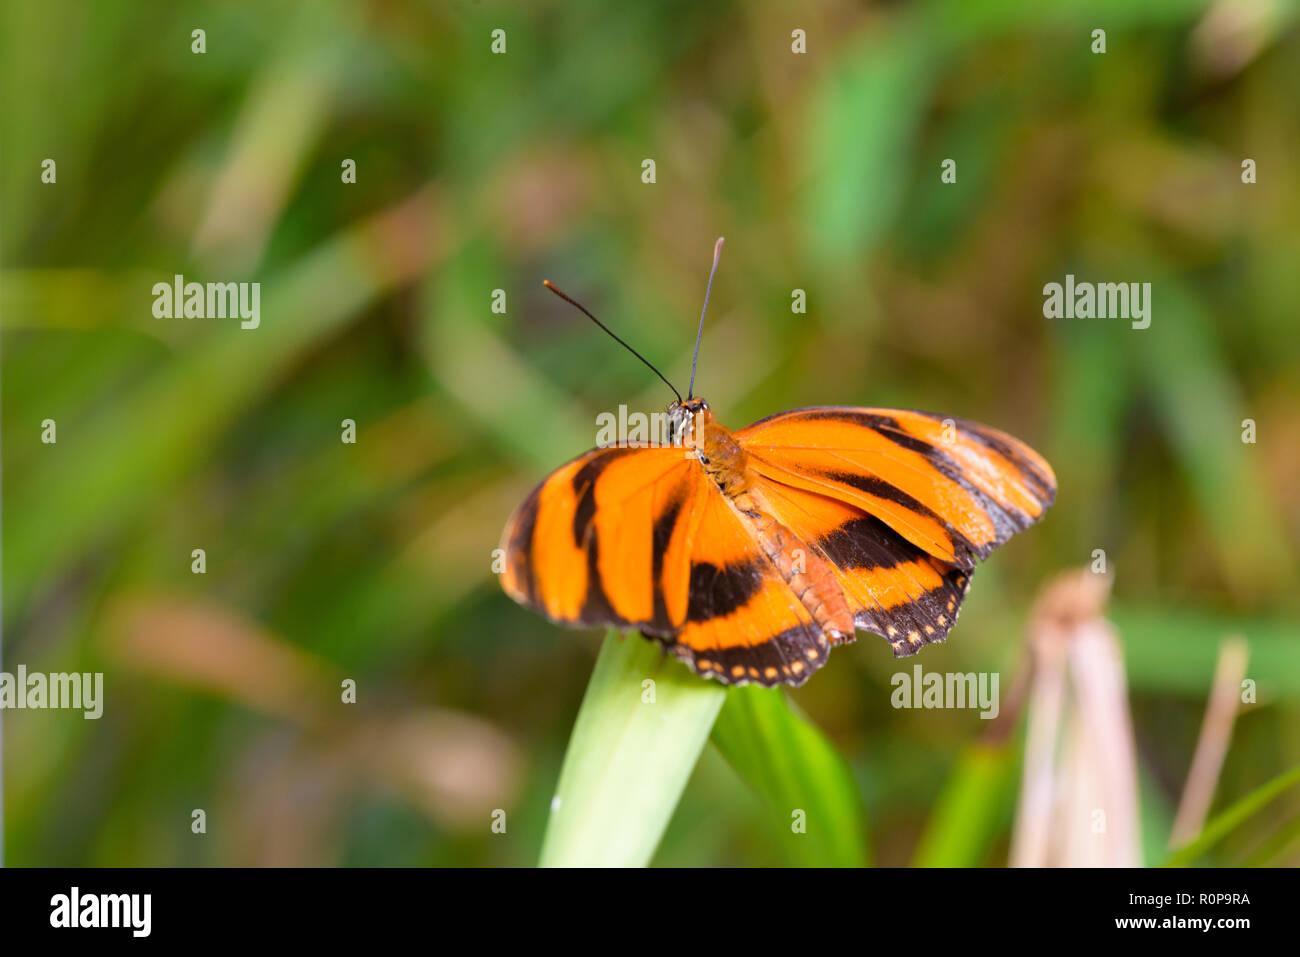 Banded Orange butterlfy (Dryadula phaetusa) on leaf - Stock Image